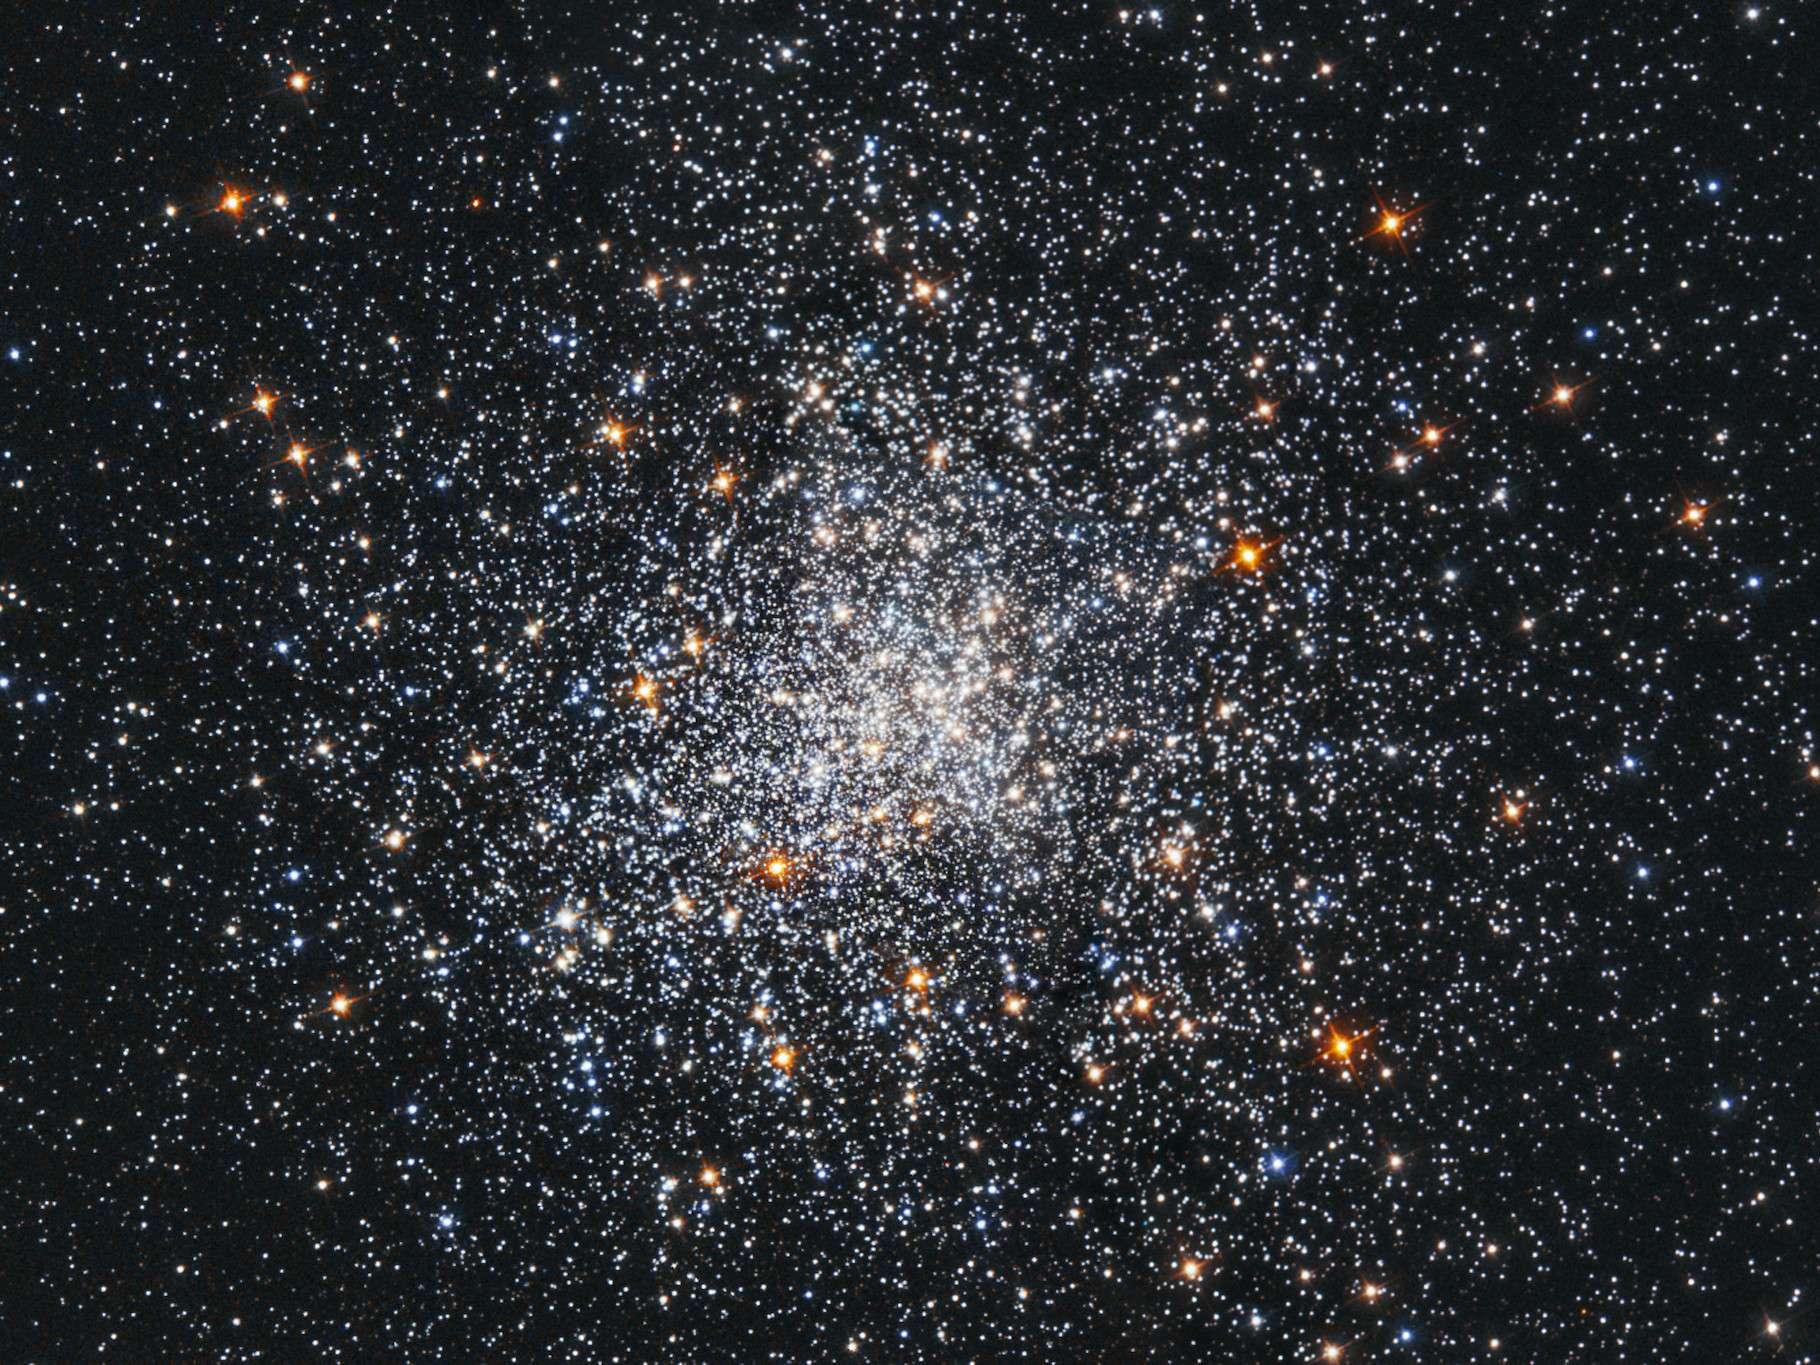 L'amas globulaire M79 — reconstitué ici par une combinaison d'images prises en 1995 et 1997 —, situé dans la constellation de la Lire, a été découvert en 1780. Il est situé à environ 41.000 années-lumière de notre Soleil. © Nasa/ESA ; S. Djorgovski (Caltech) and F. Ferraro (University of Bologna)